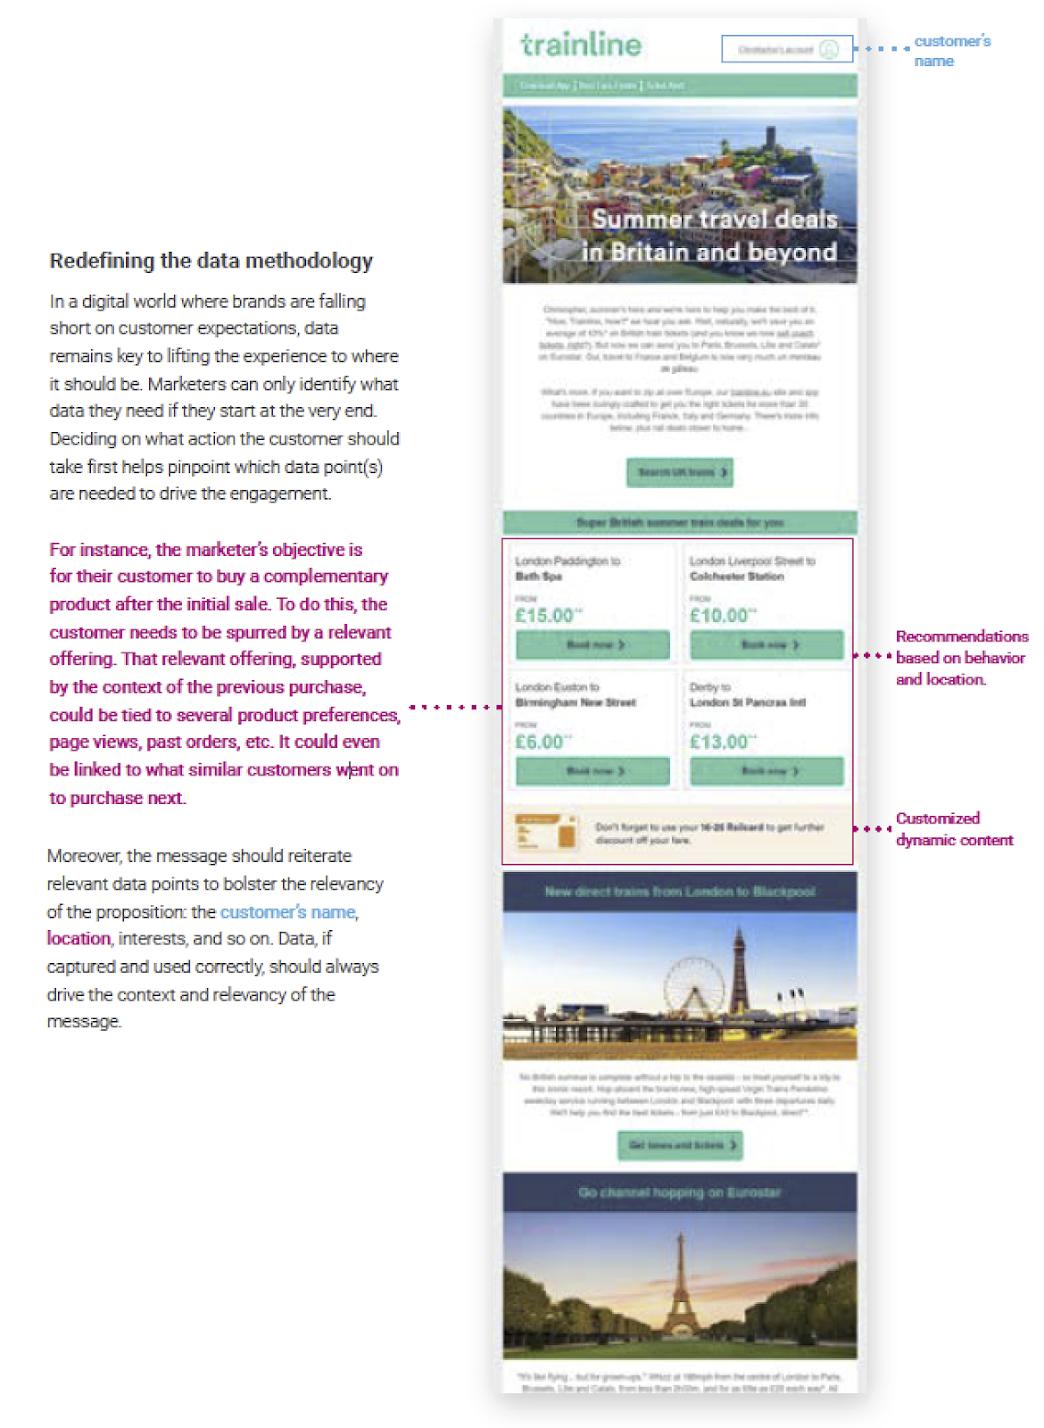 Redefining the data methodology